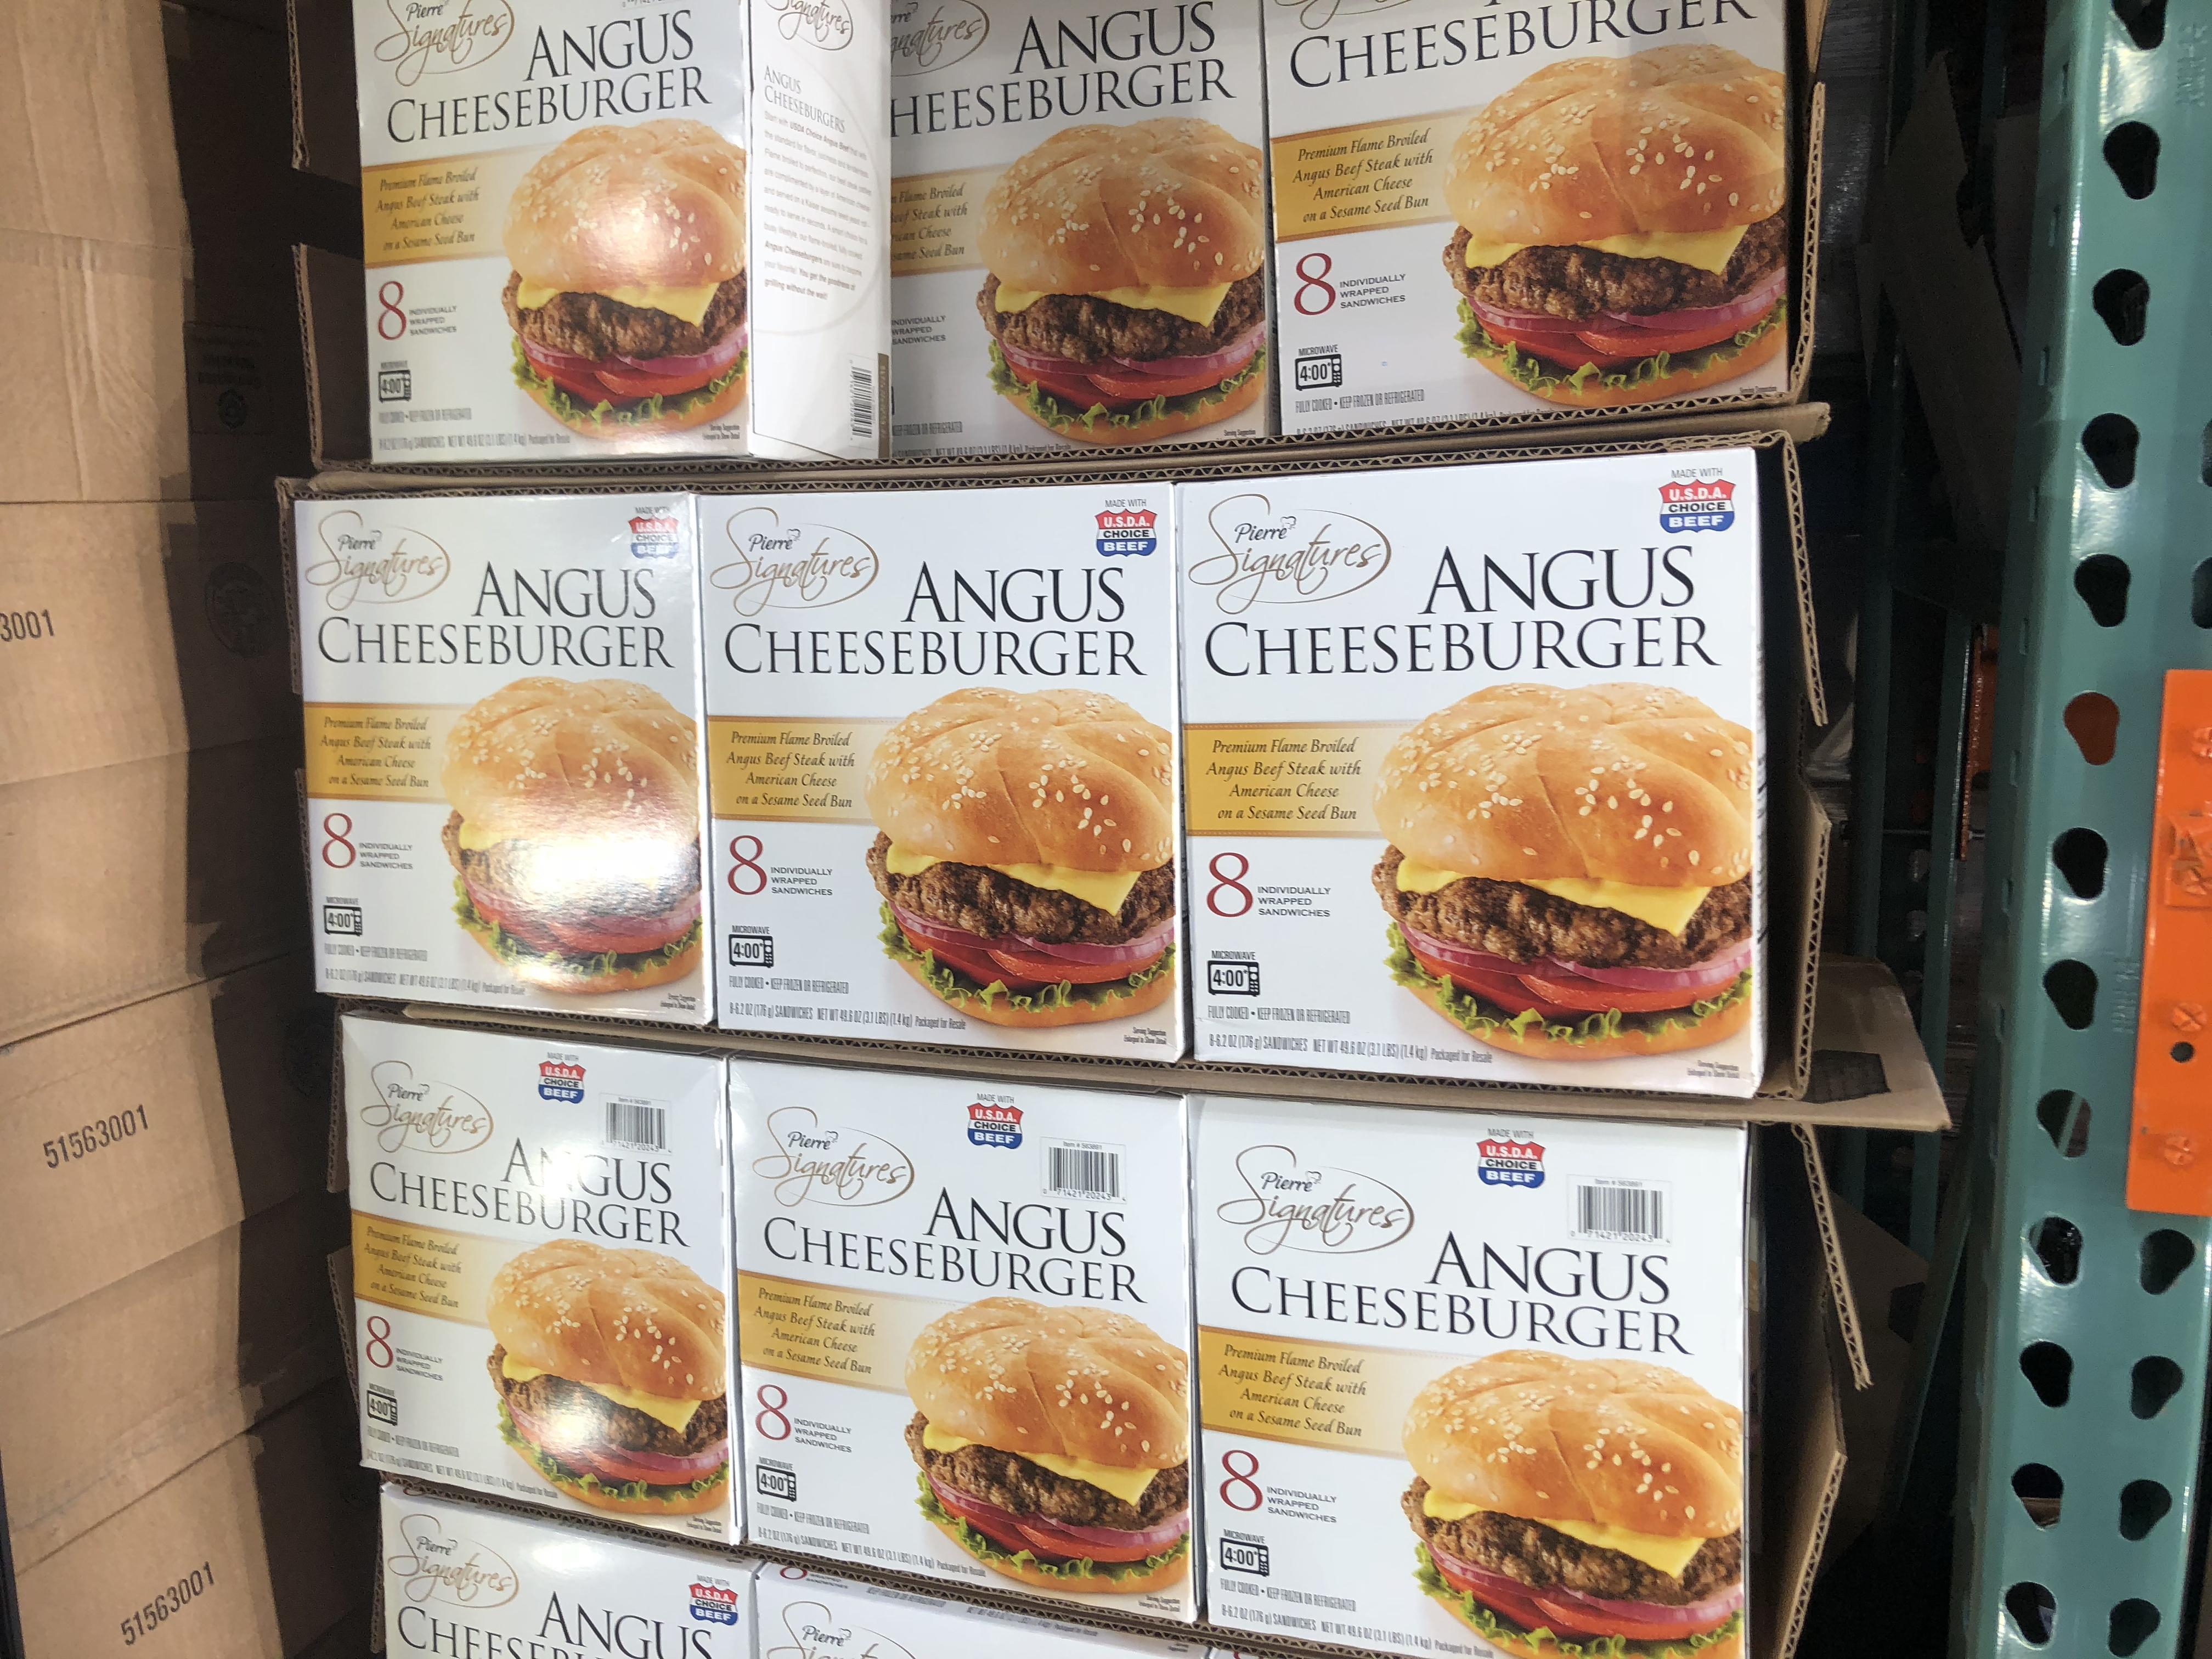 Costco deals October 2018 – Angus cheeseburgers at Costco